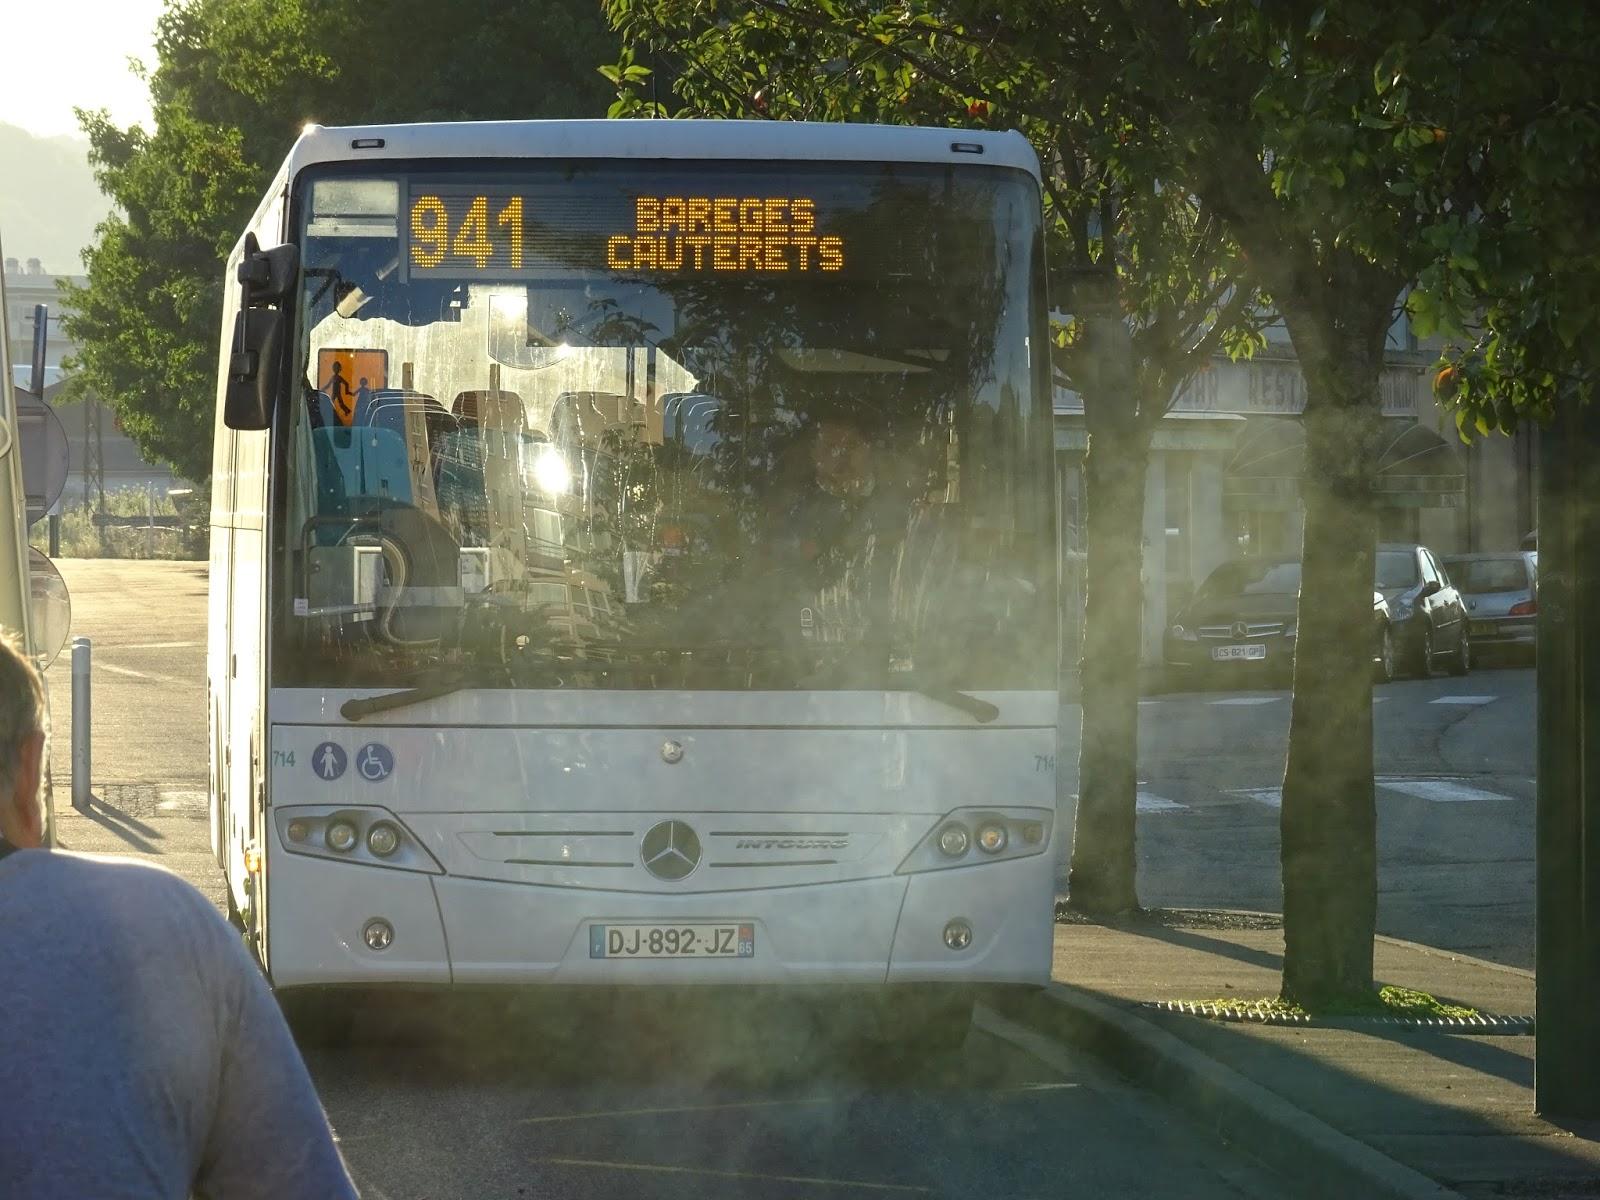 Bus in Lourdes